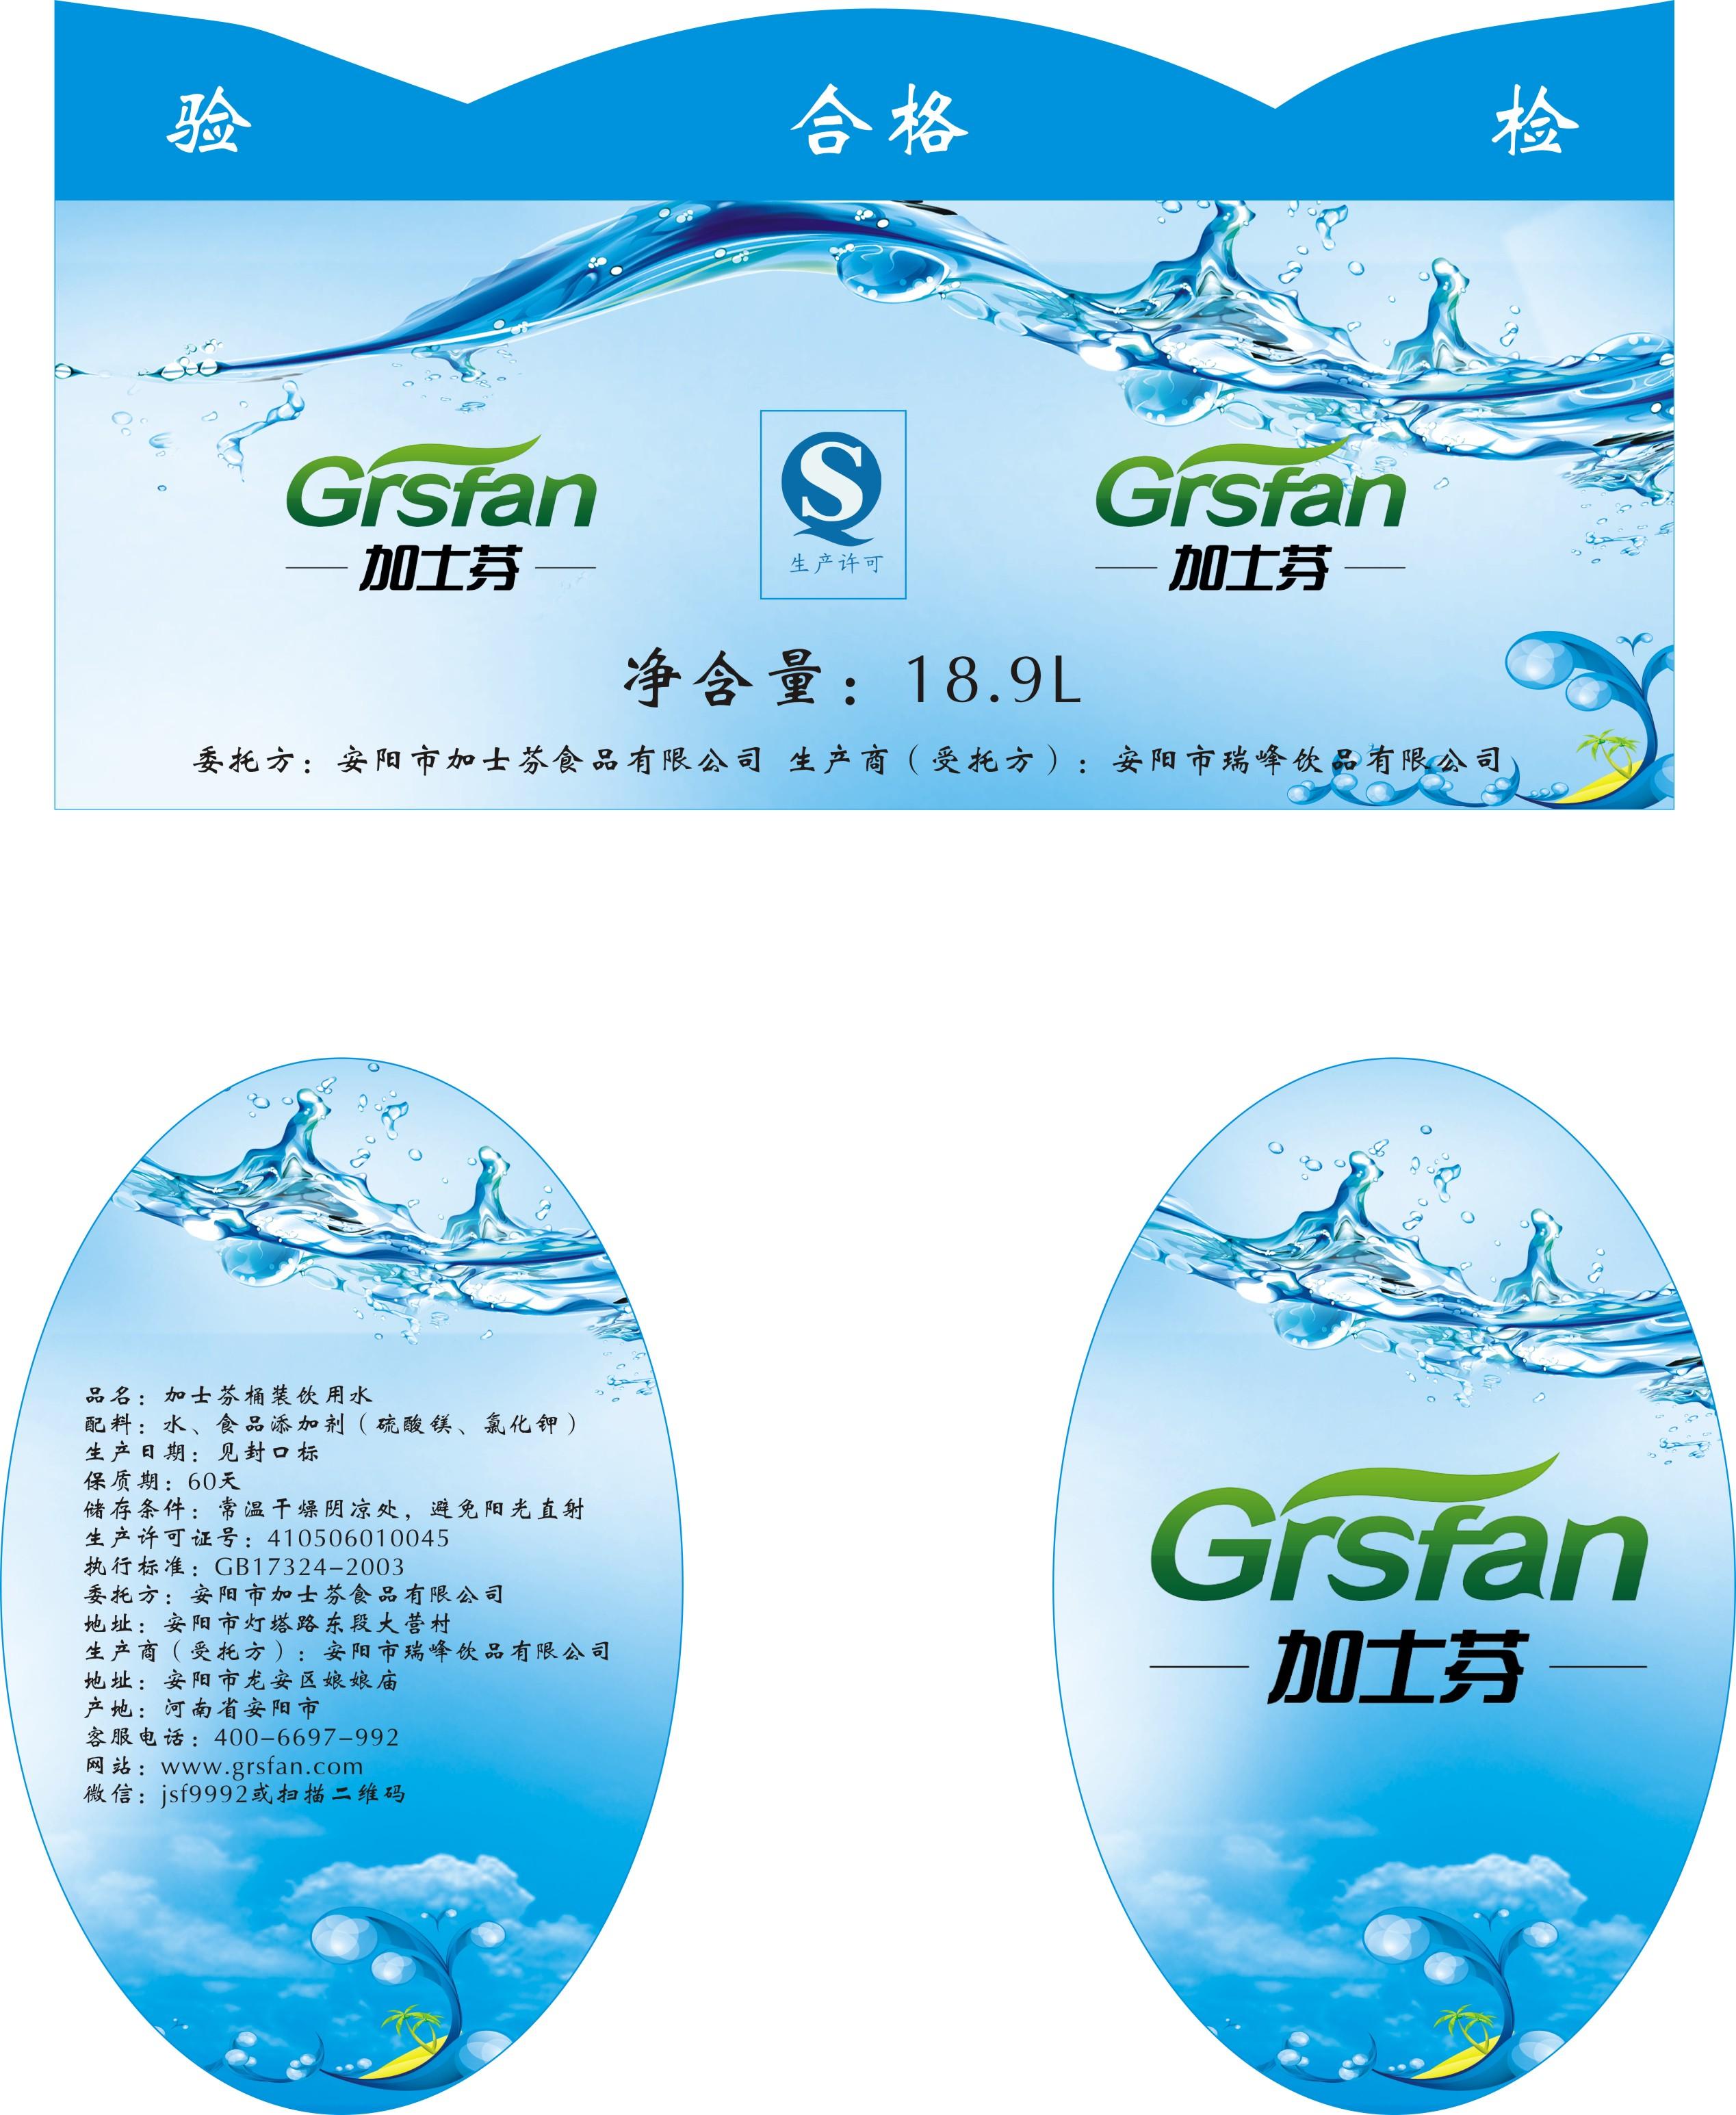 桶装水不干胶标签设计_一品威客网产品外观设计任务